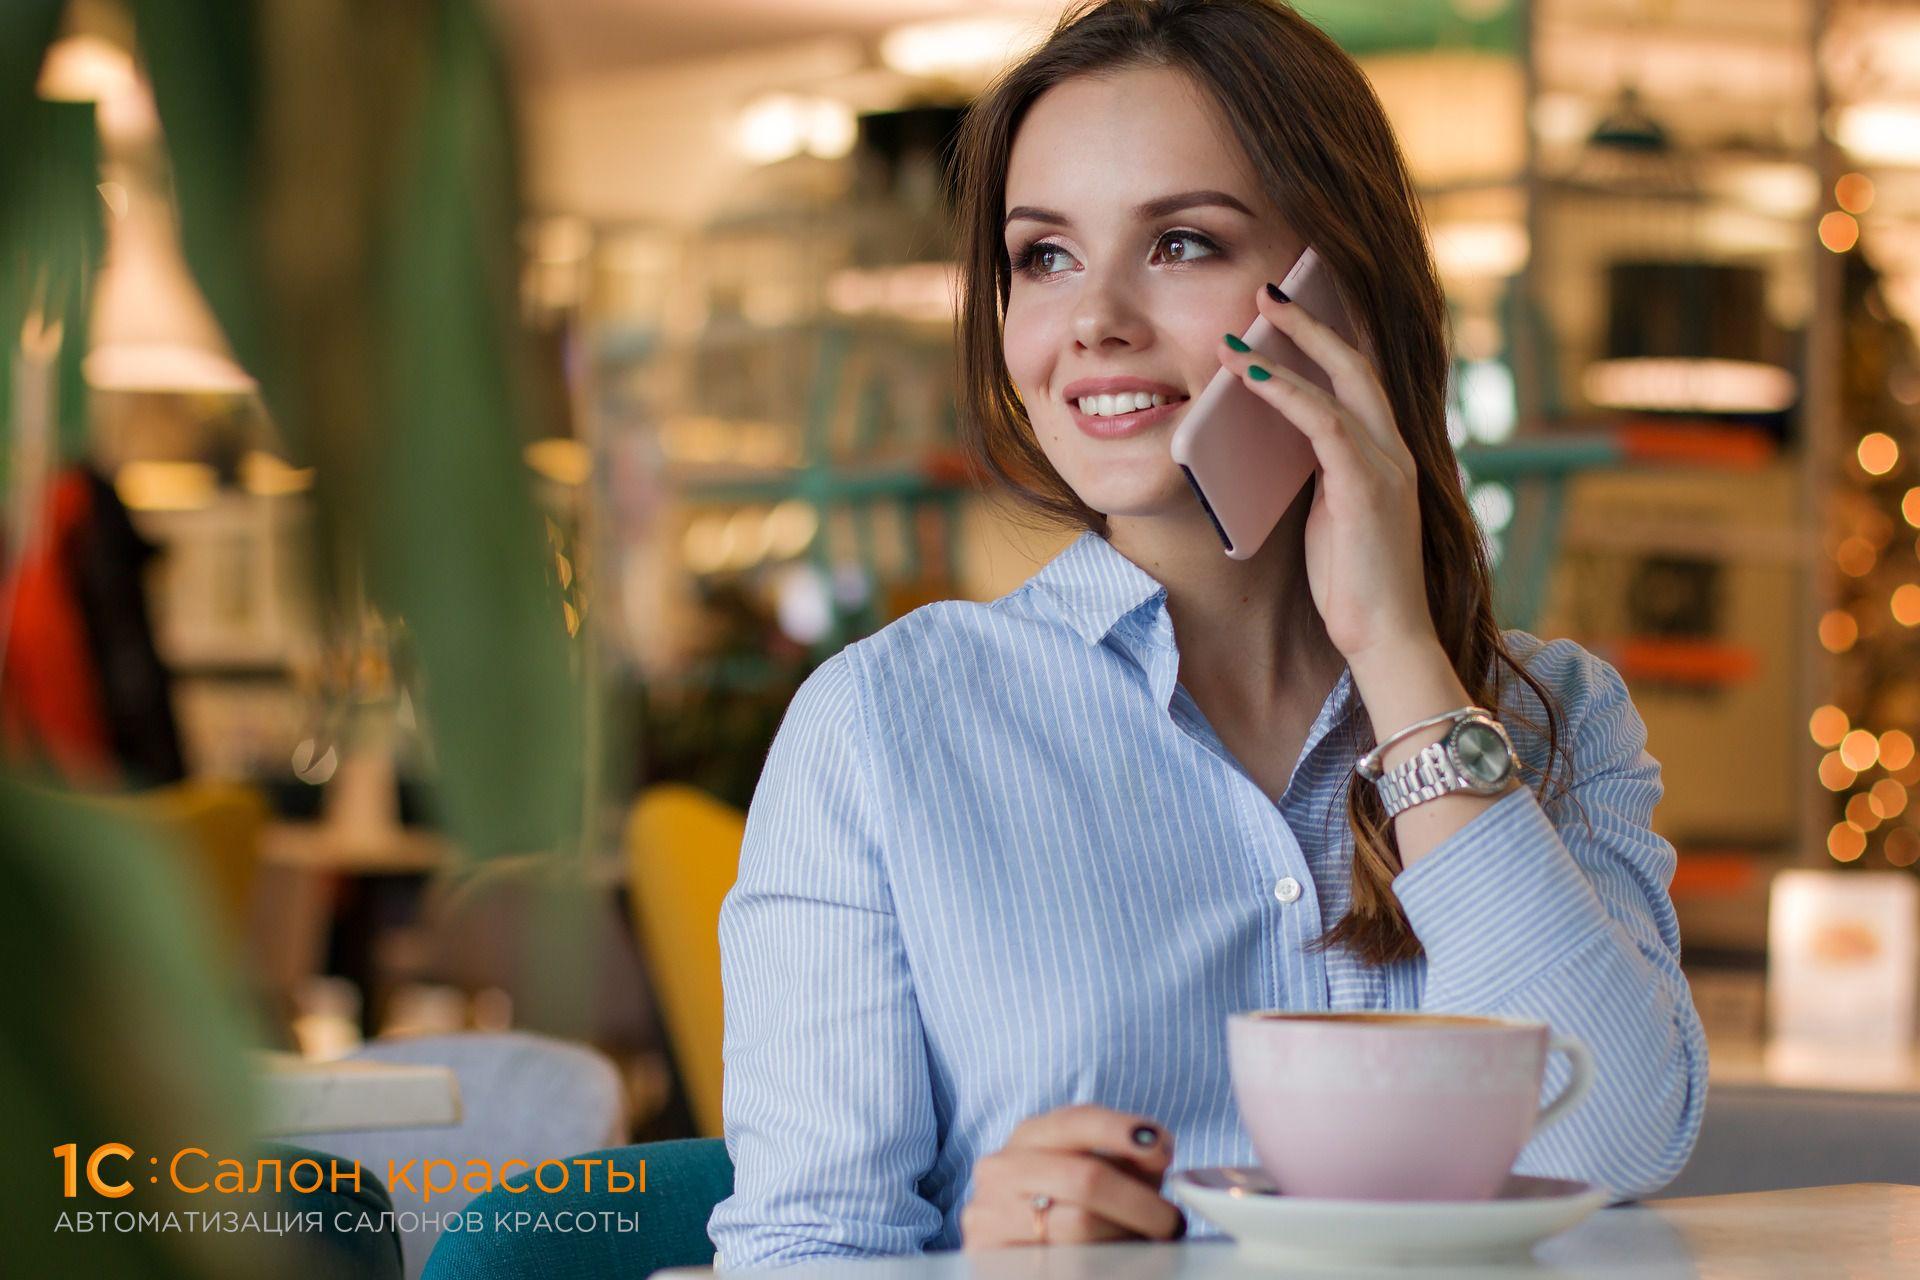 Как общаться с клиентом, чтобы вас слышали?